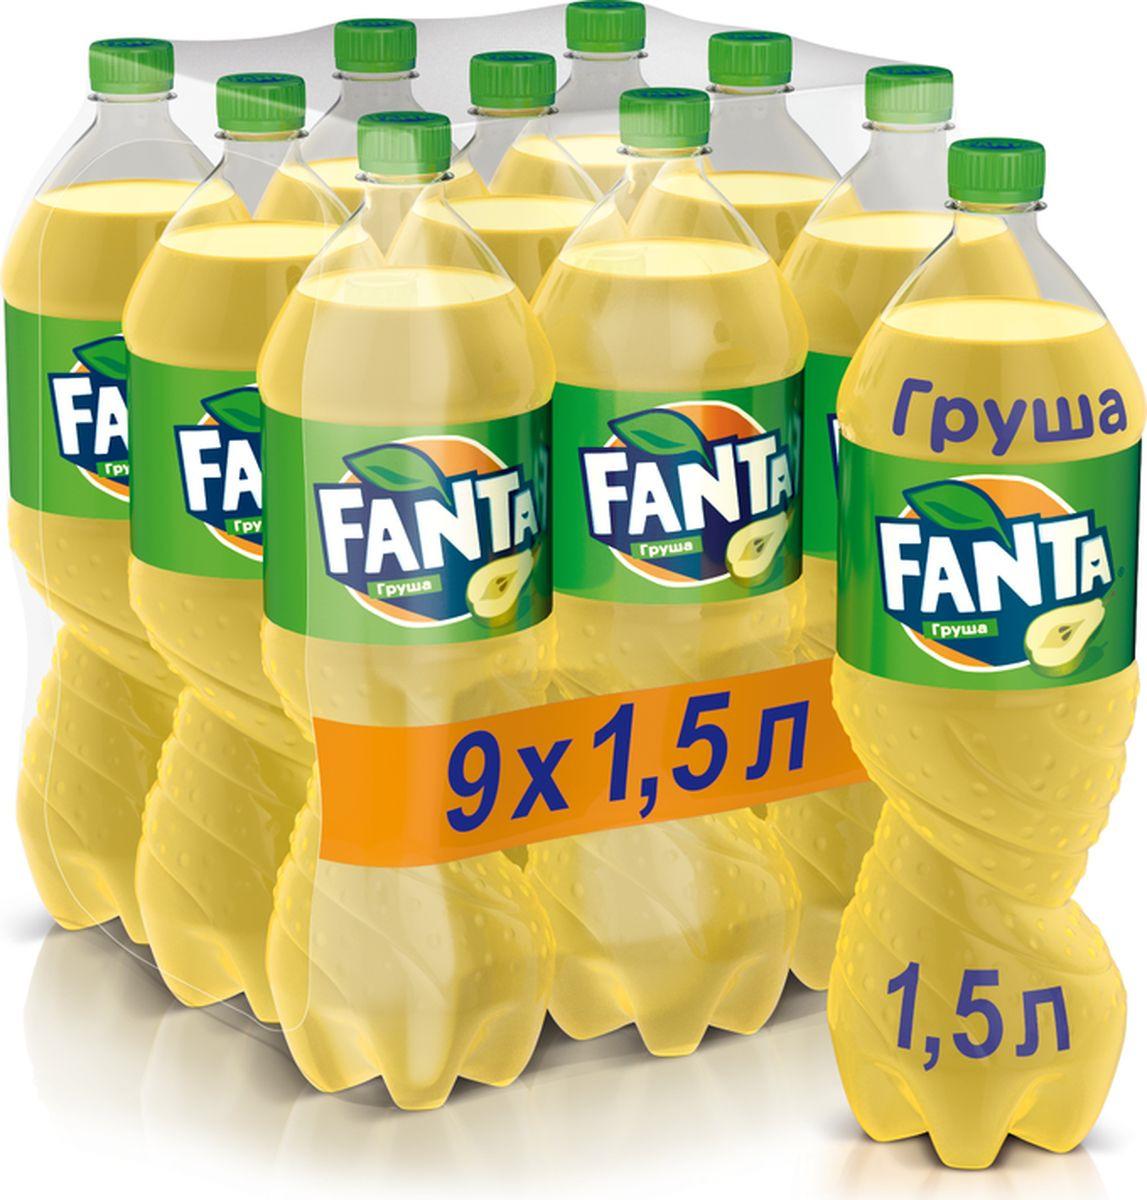 Газированный напиток Fanta Груша, 9 шт по 1,5 л